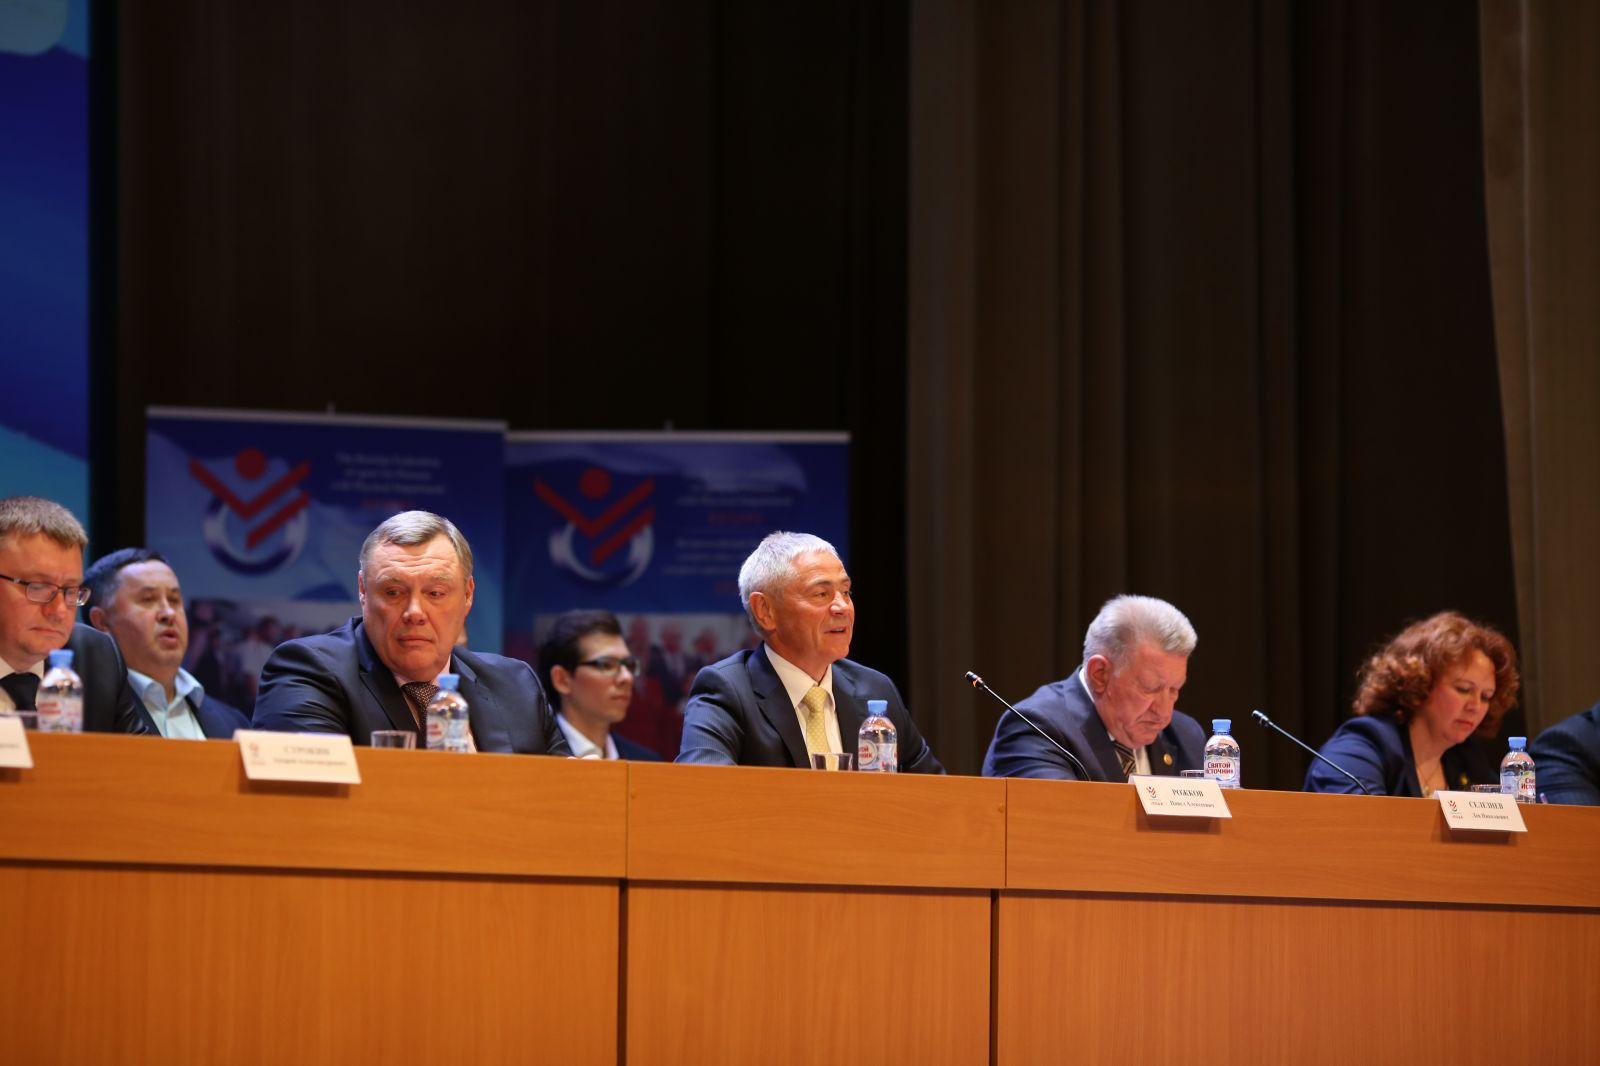 Очередная отчетно-выборная Конференция Всероссийской Федерации спорта лиц с ПОДА завершилась в г. Подольске